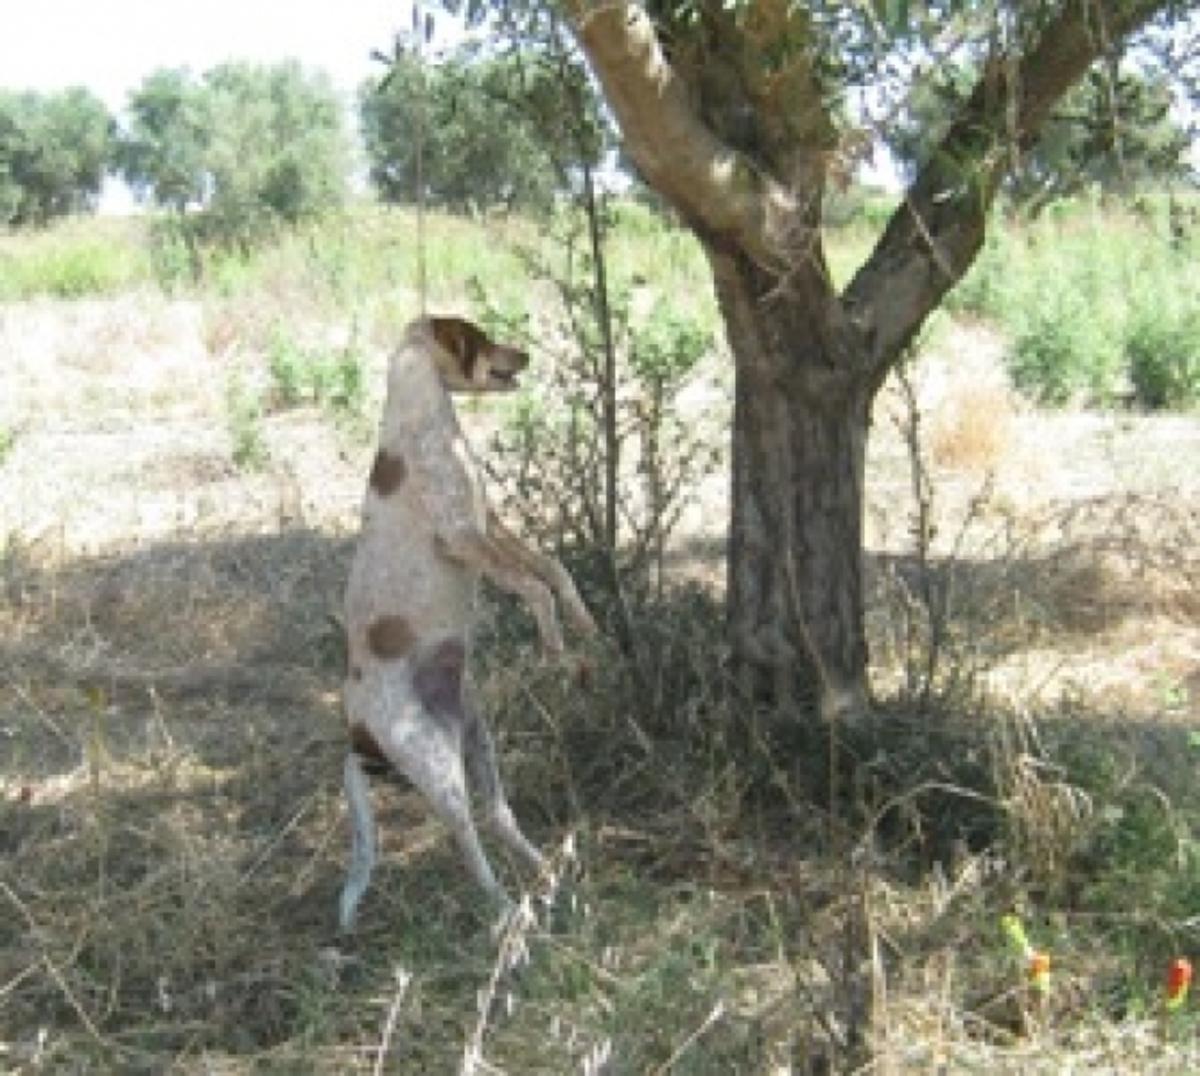 Αμαλιάδα: Κτηνωδία με σκύλο που κρέμασαν σε ελιά! | Newsit.gr